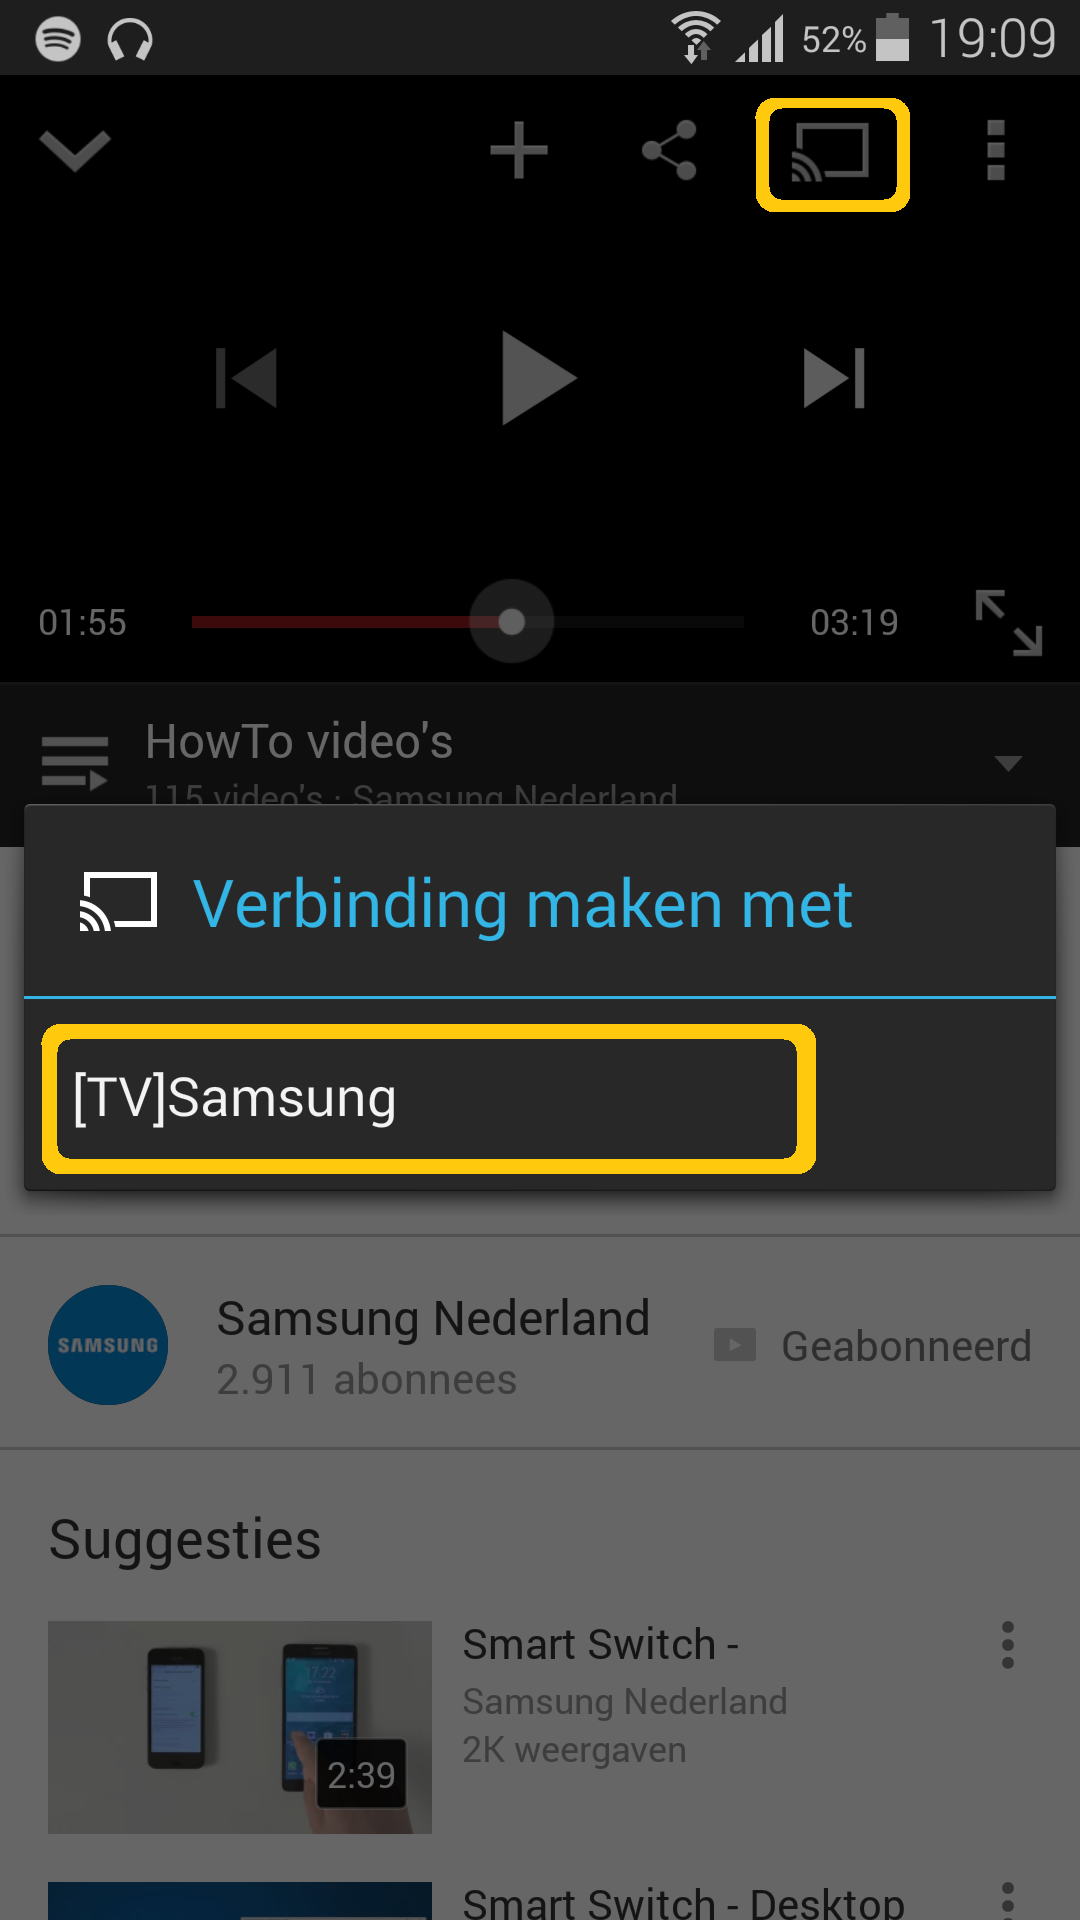 Quelles possibilités mon smartphone Samsung offre-t-il avec une Smart TV Samsung ?